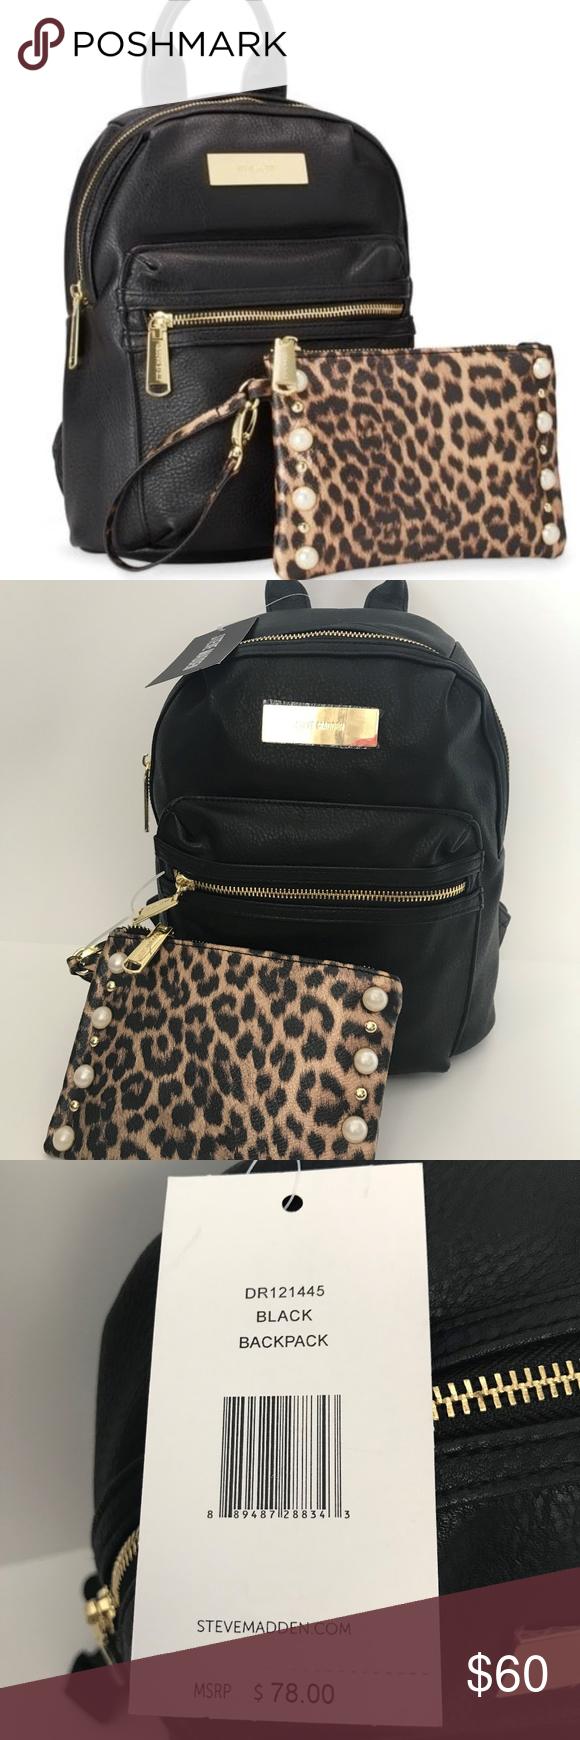 2530998ba1 Steve Madden Black BKris Mini Backpack and Bag Steve Madden BKris Mini  Fashion Backpack w